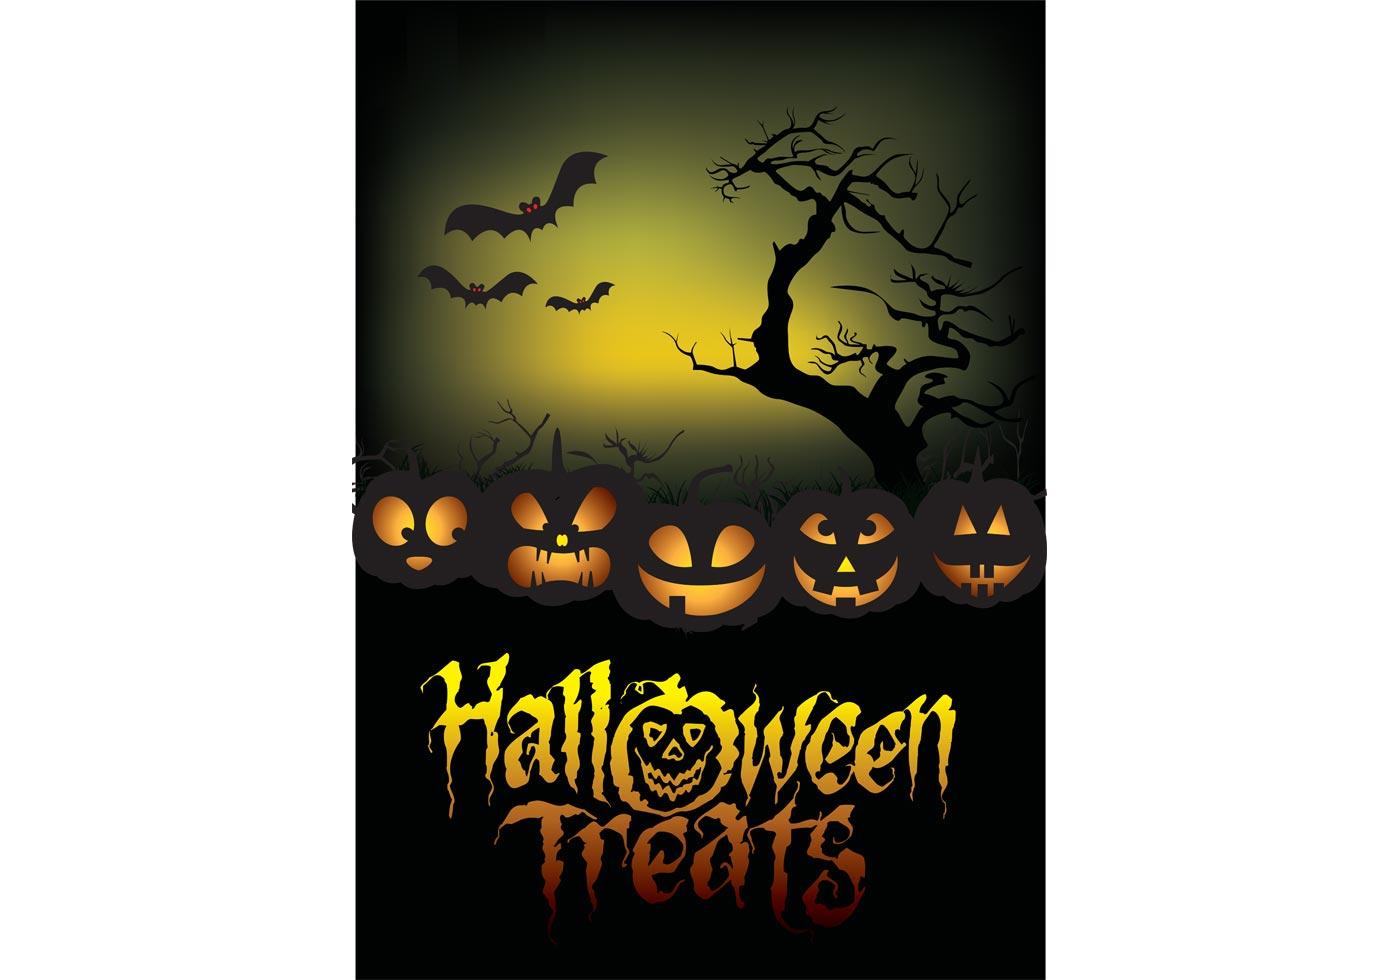 Halloween Treats Poster Download Free Vector Art Stock